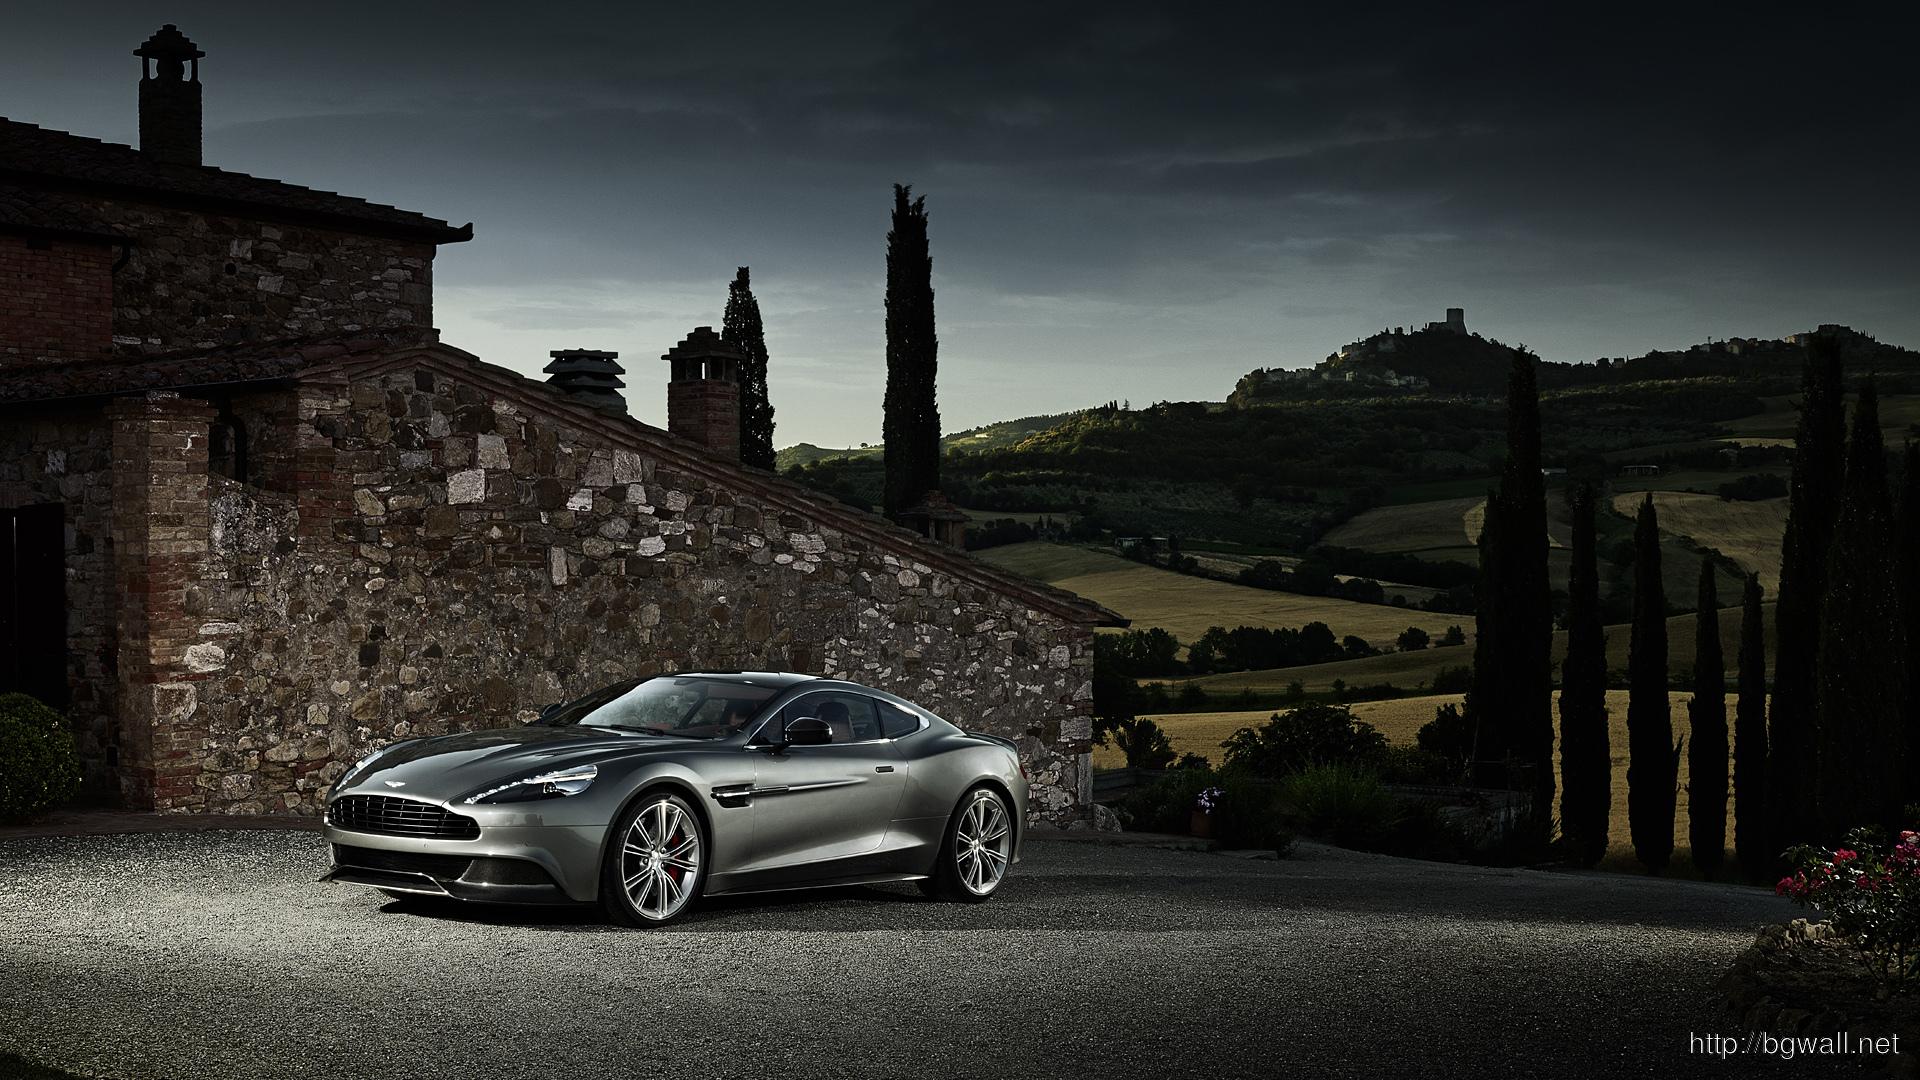 Aston-Martin-Car-Wallpaper